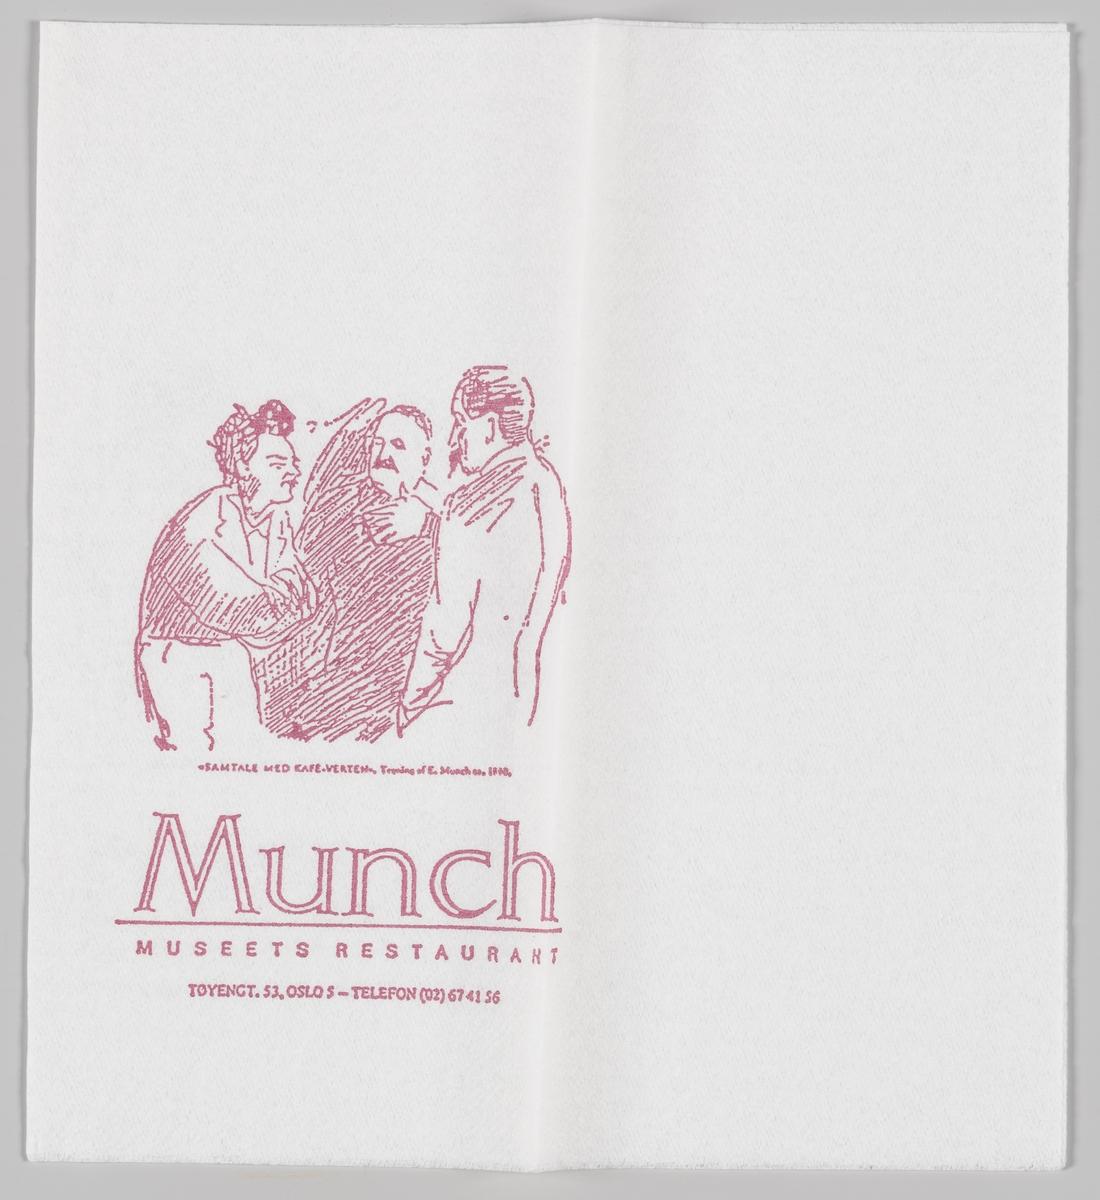 Samtale med Kafe-Verten, tegning av E. Munch og reklame for Munch museets restaurant.  Samme motiv på MIA.00007-004-0068.